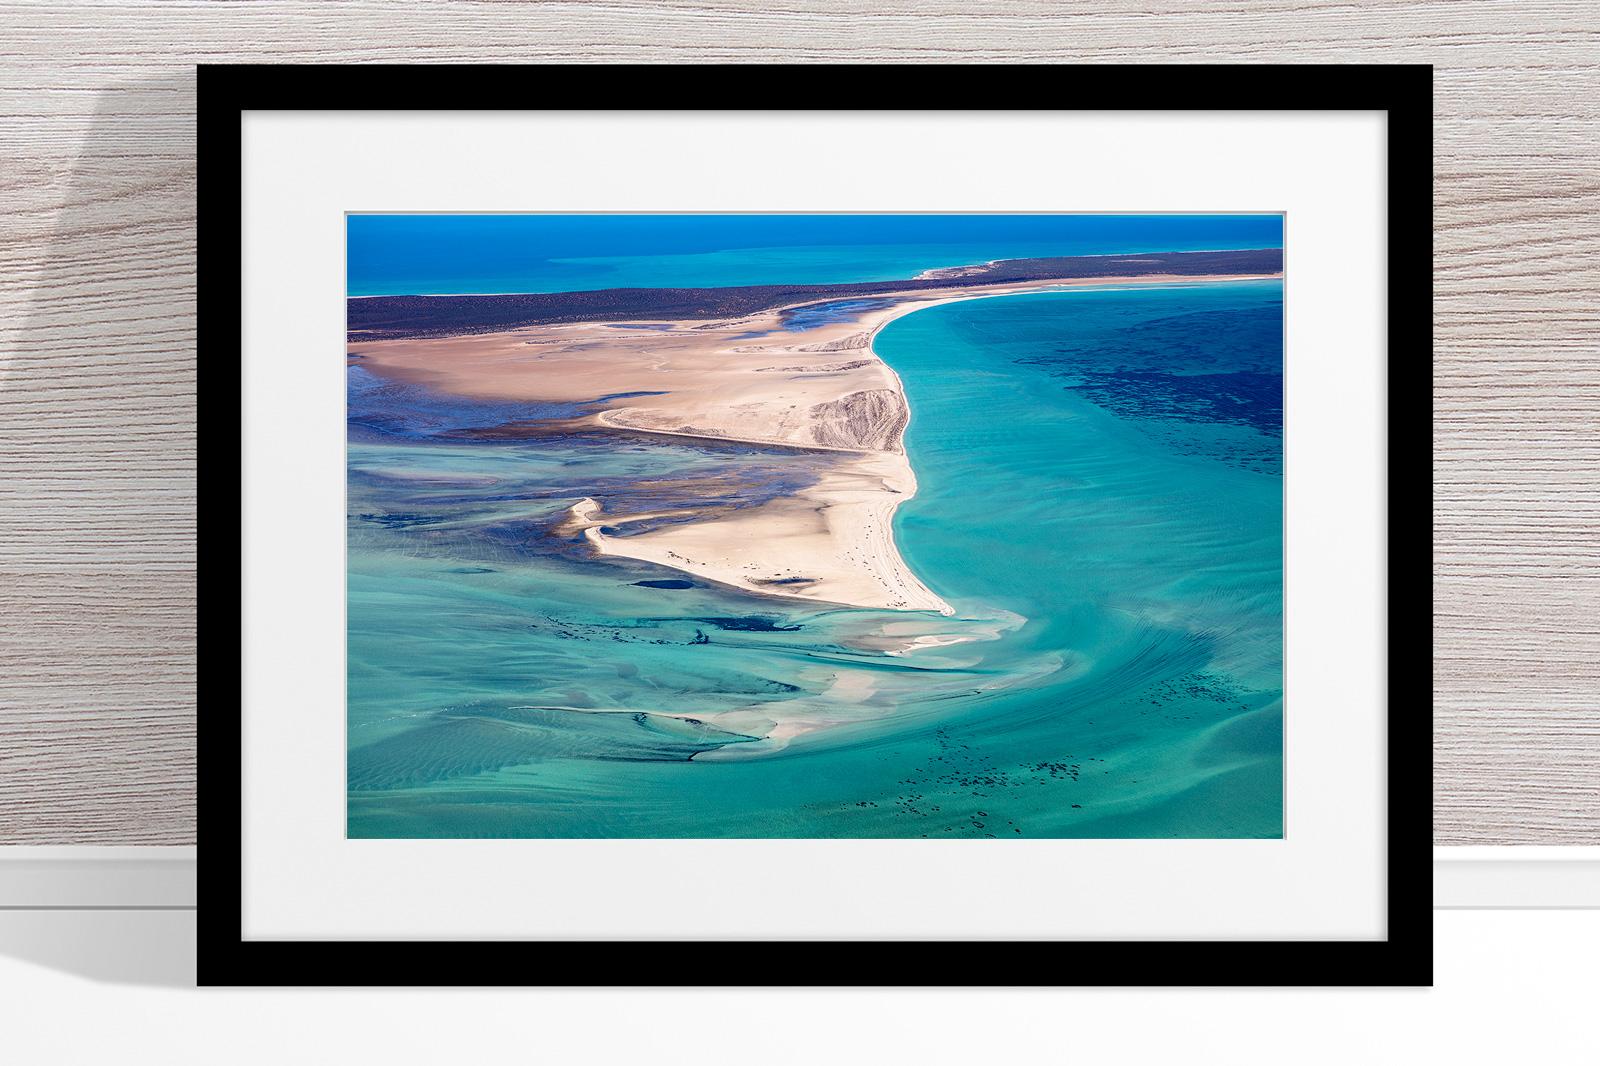 Jason Mazur - 'Shark Bay Aerial 081' Black Frame